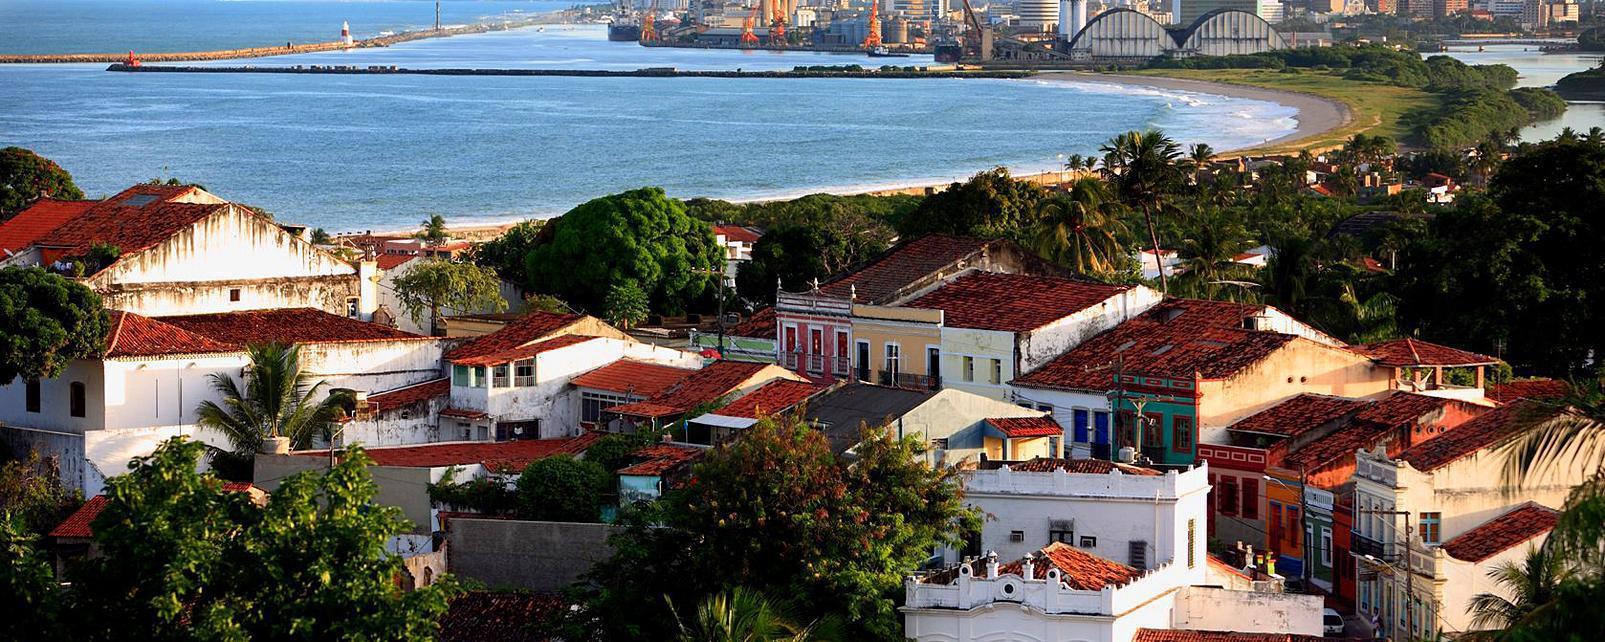 Amérique; Amérique du Sud; Brésil; Recife;